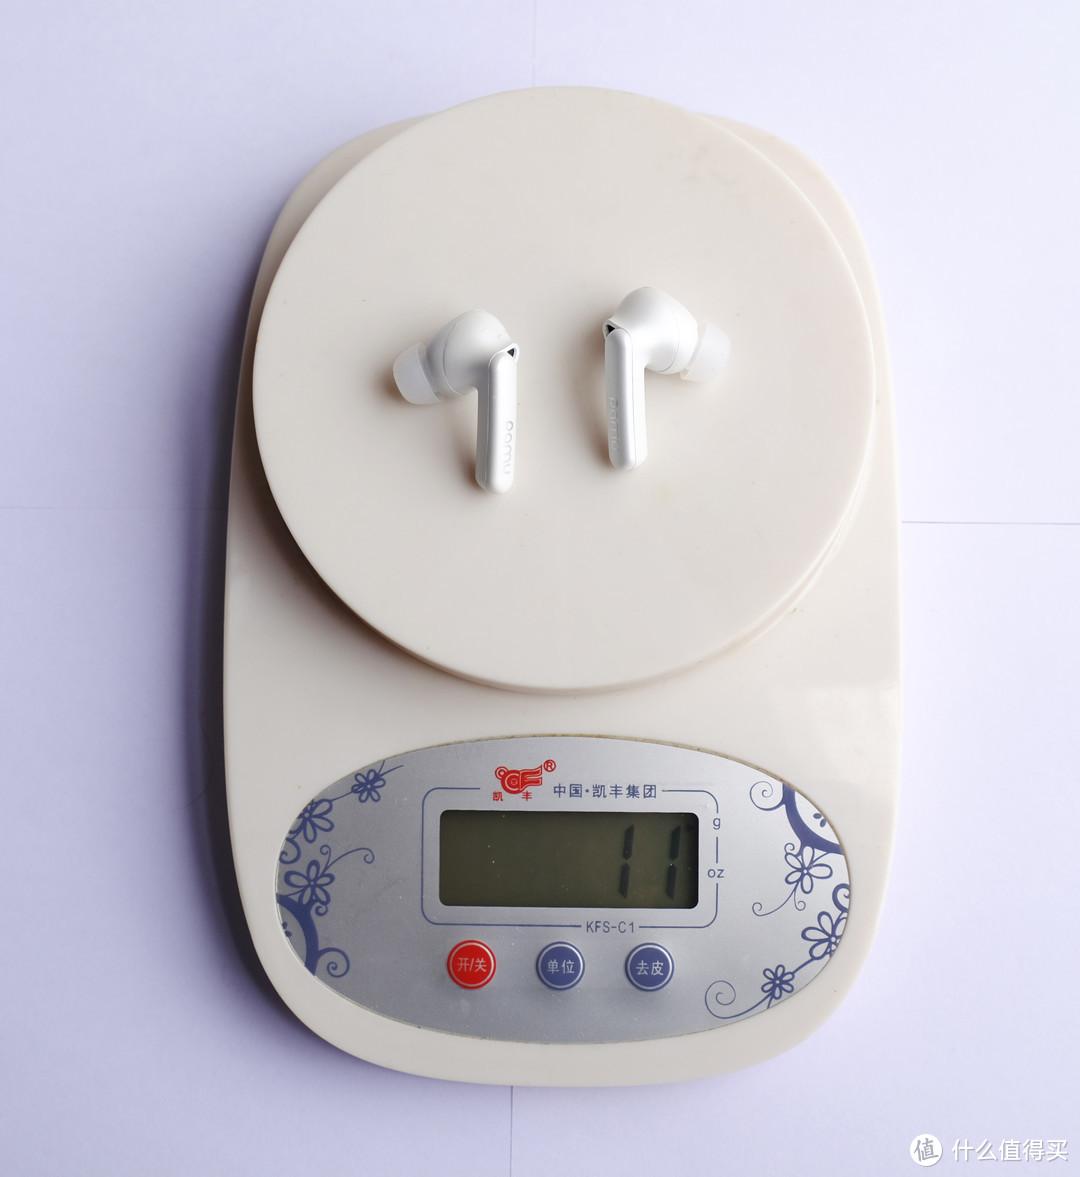 高性价比真无线降噪耳机:PaMu Quiet Mini降噪耳机使用评测